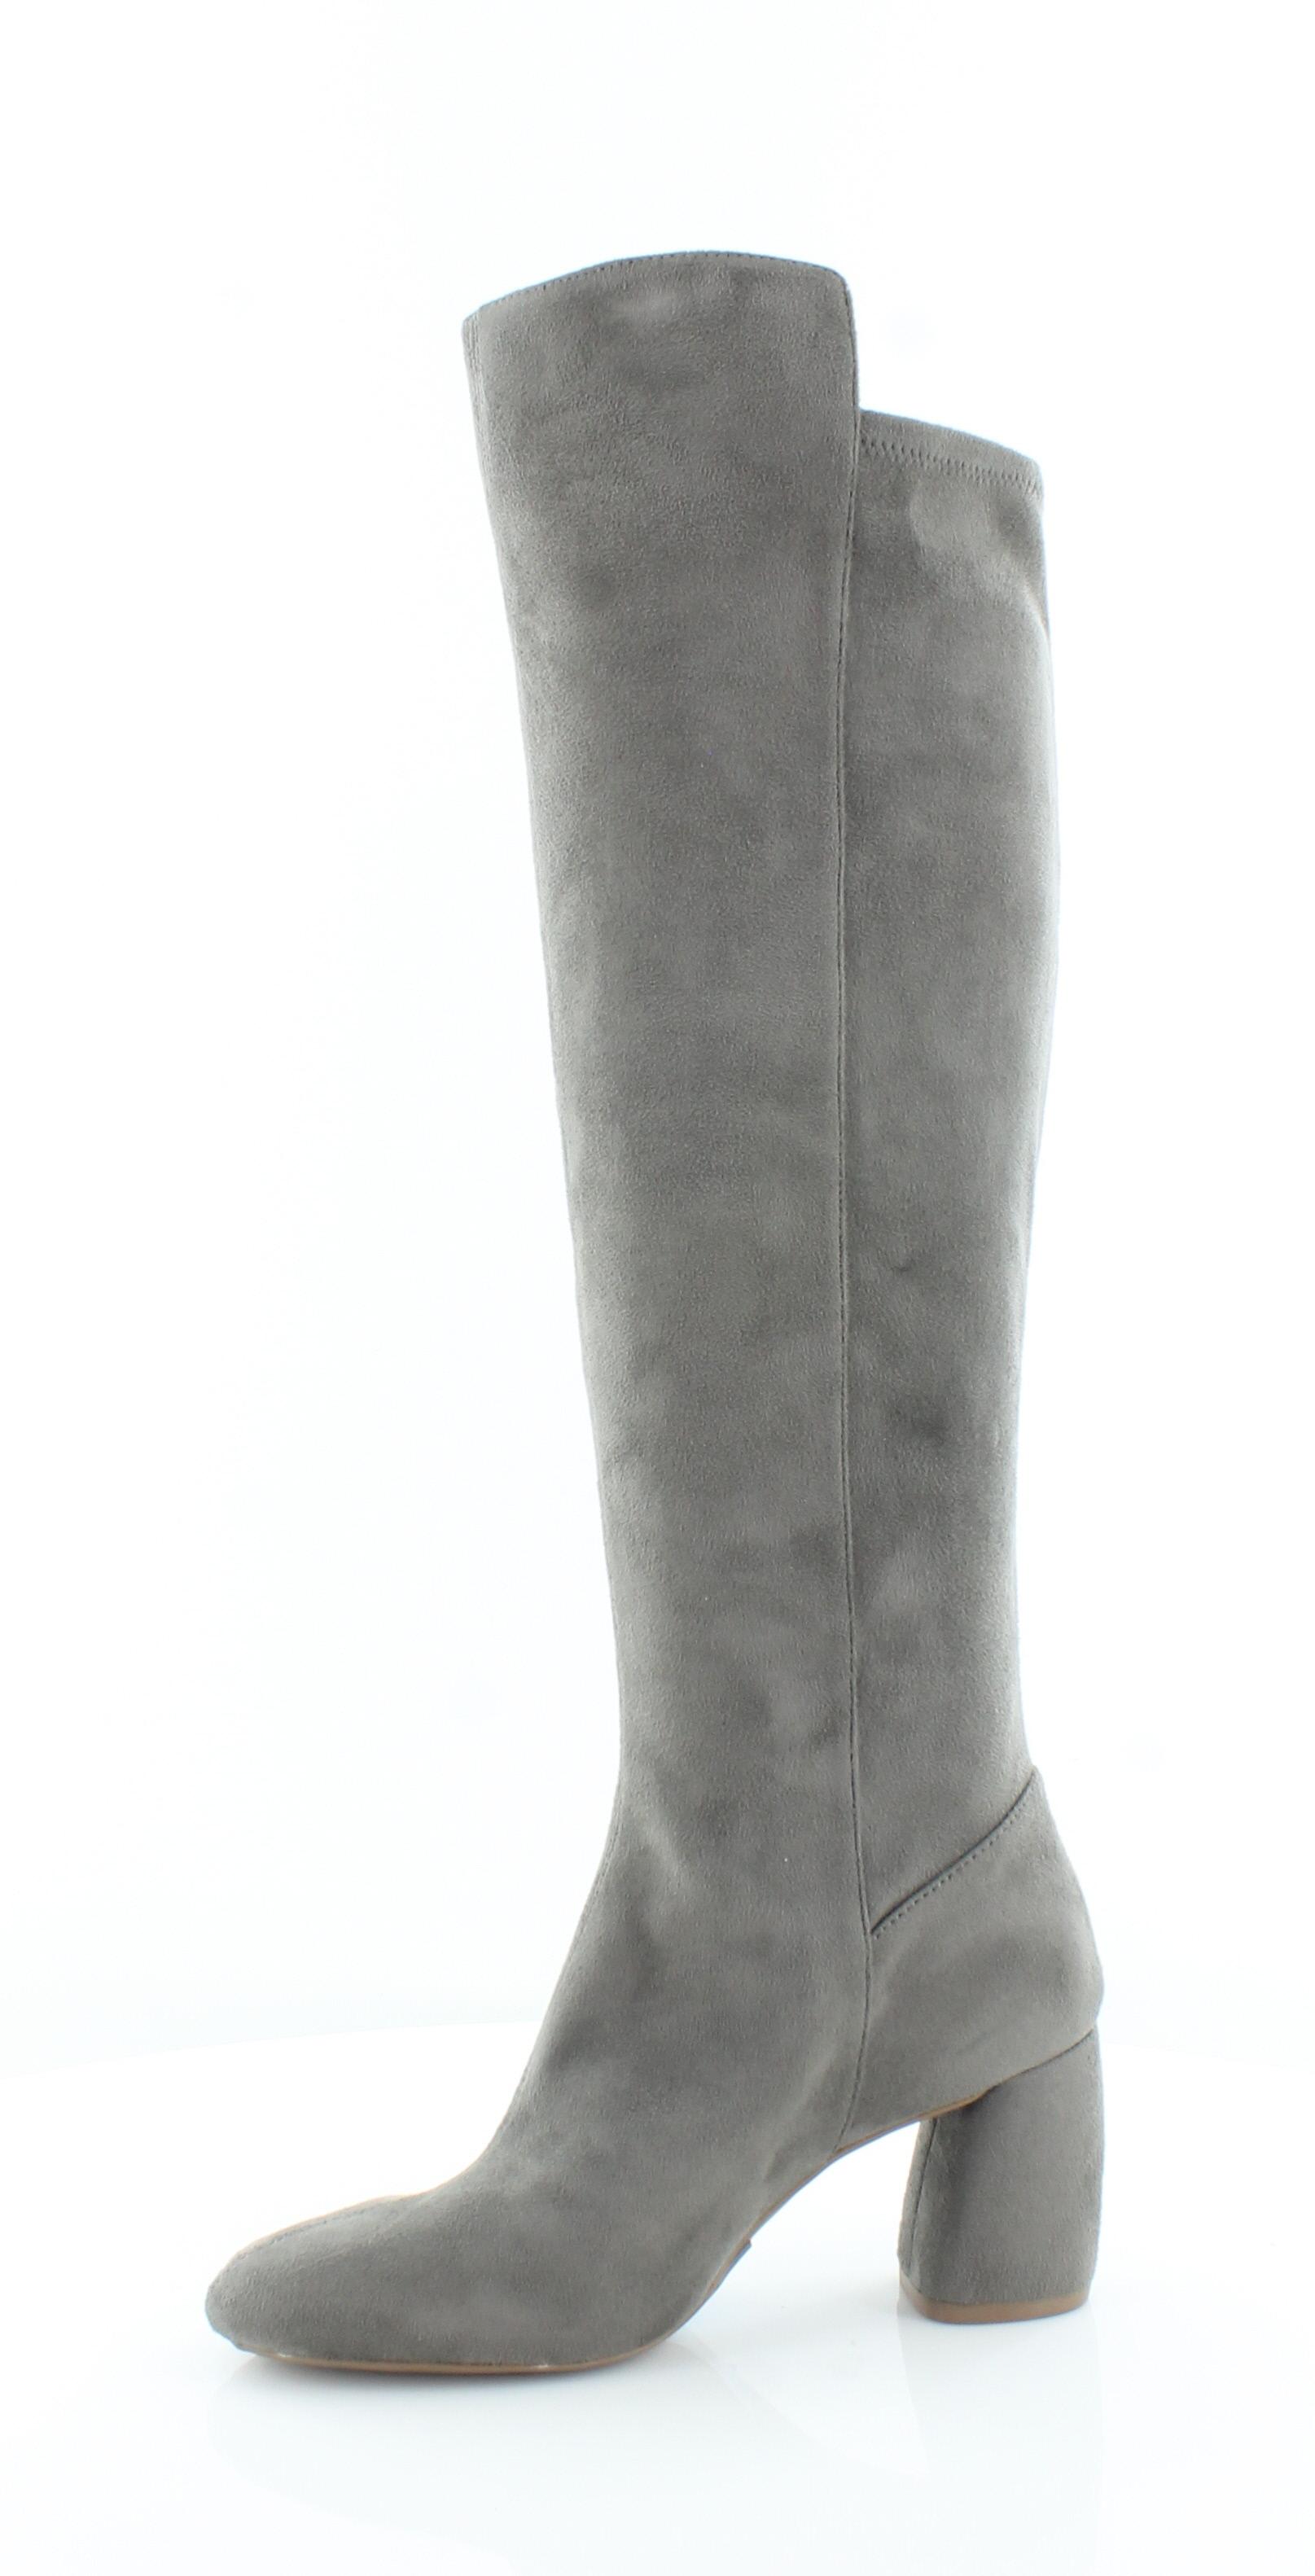 Nine West Nuevo kerianna gris Tamaño 5 M botas botas botas Zapatos para mujer precio minorista sugerido por el fabricante  159 9e42f2